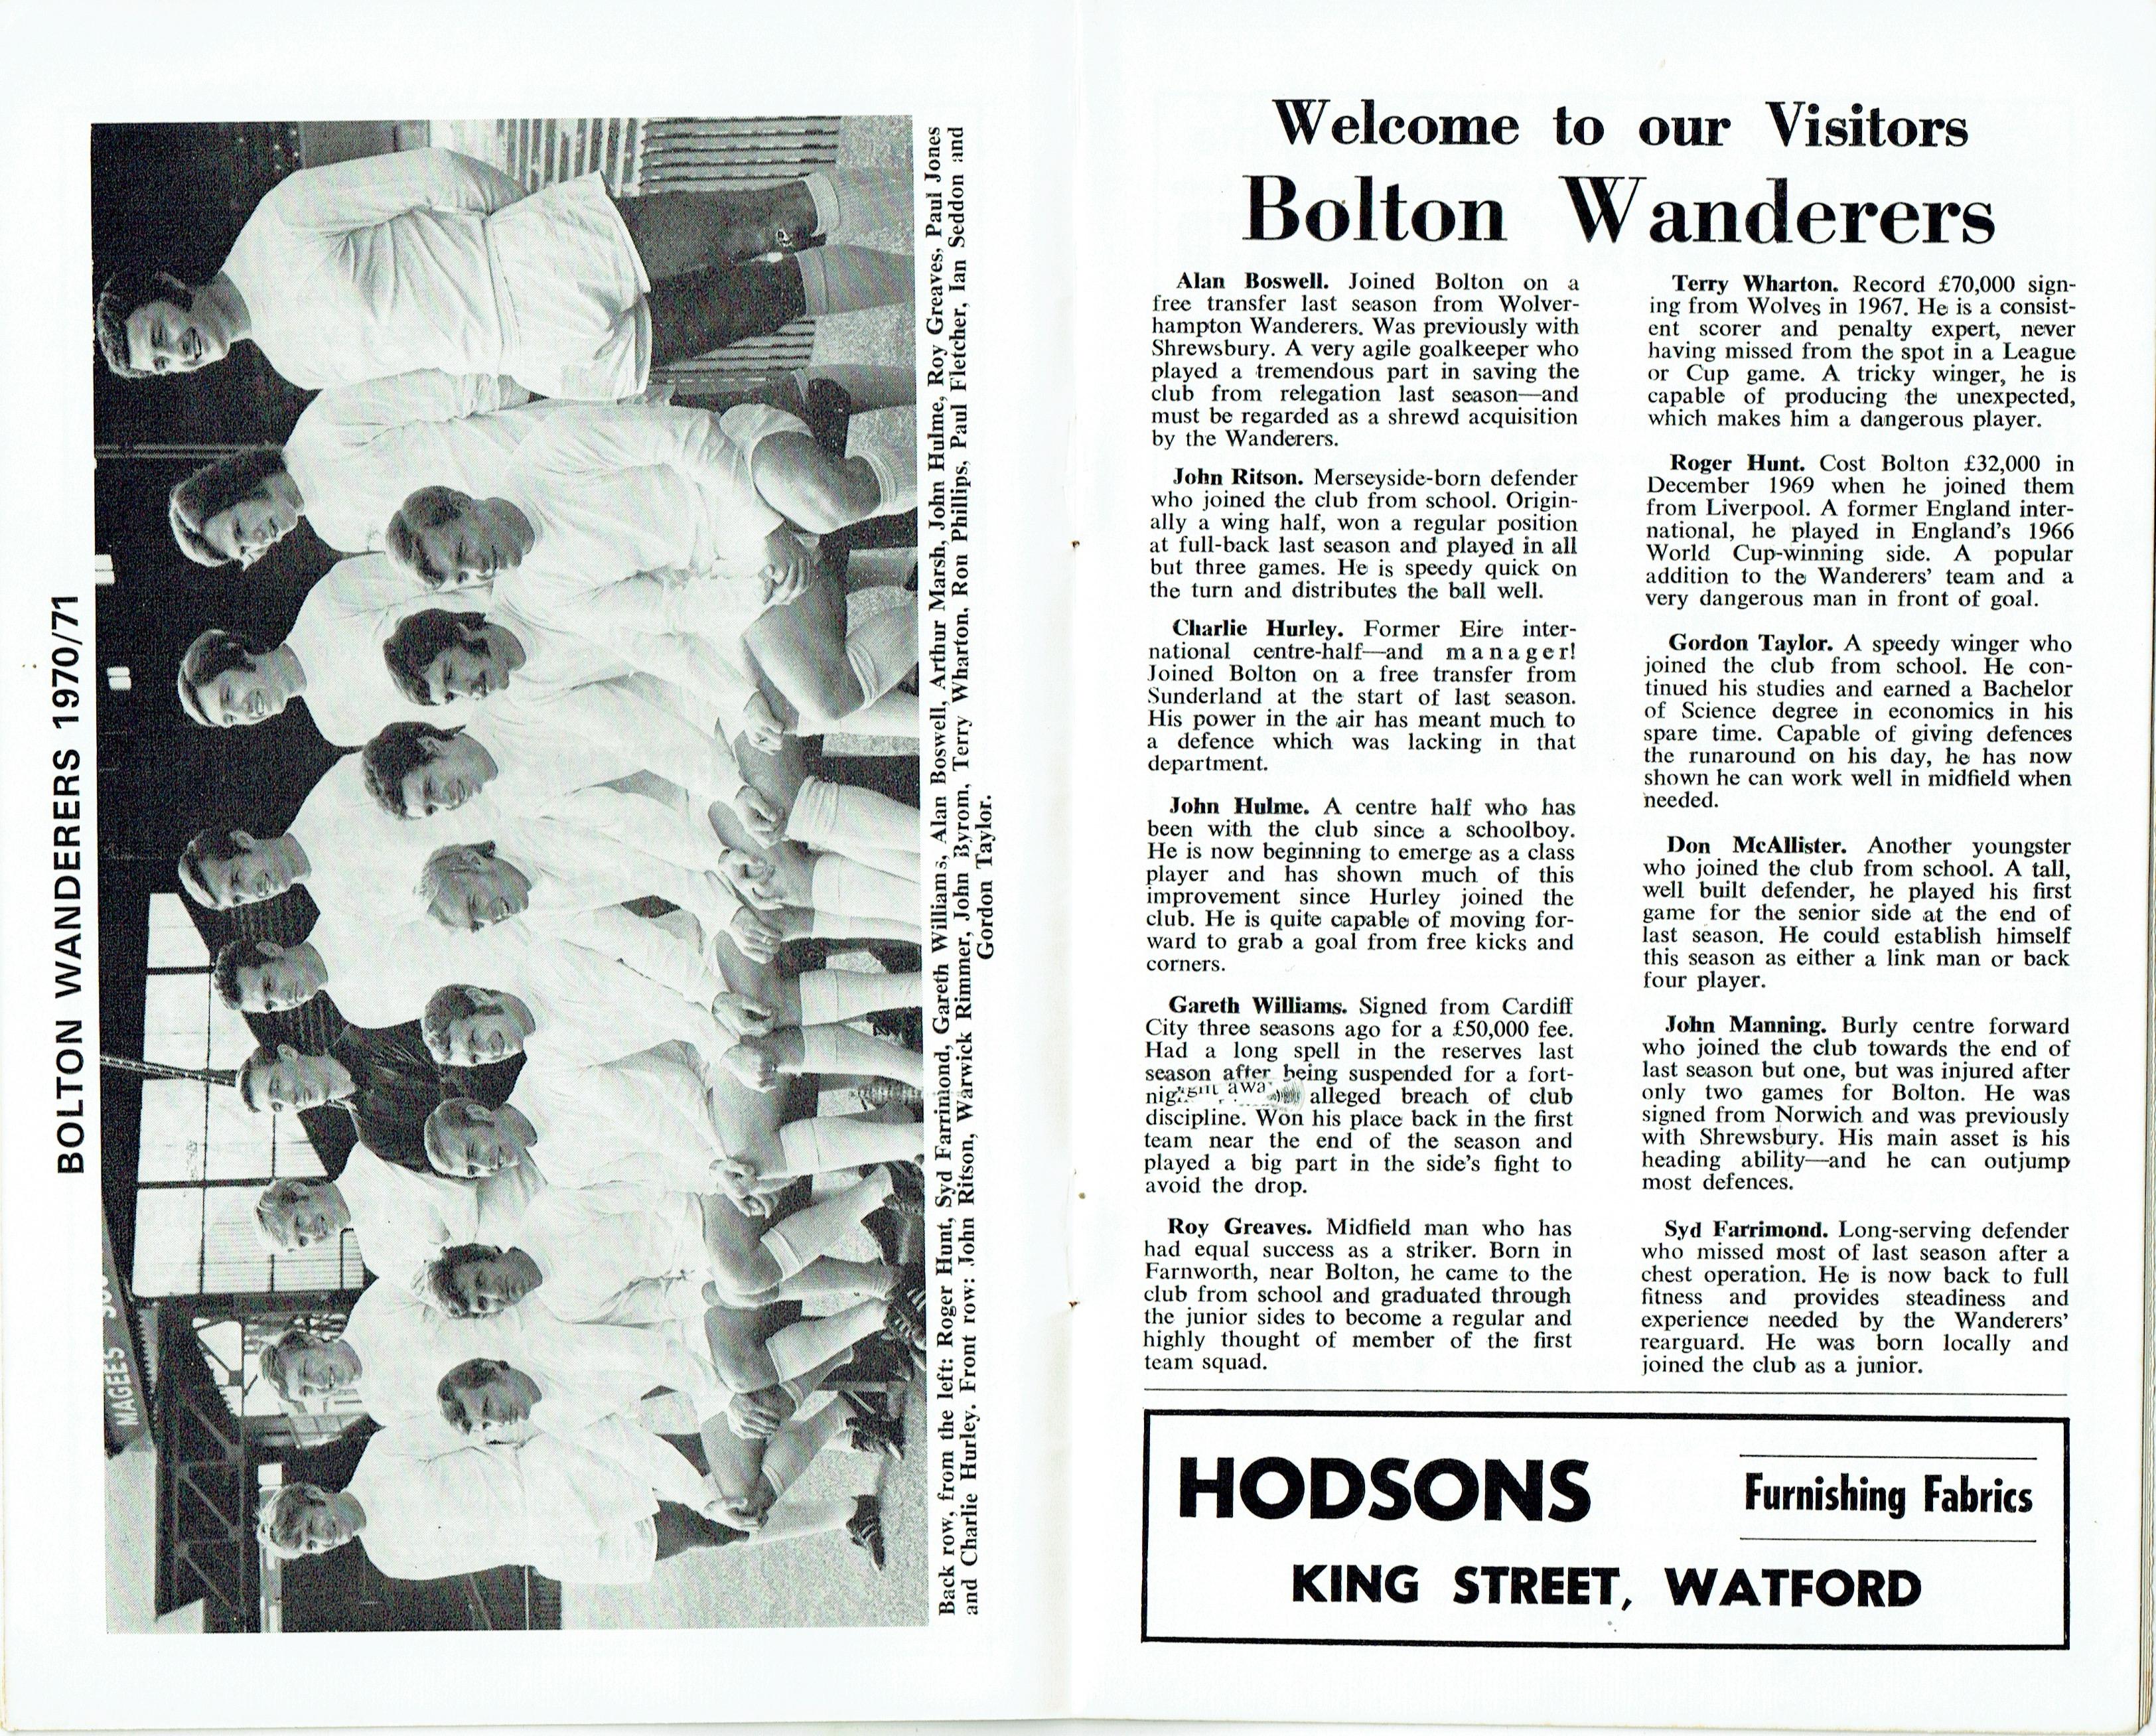 28th November 1970- Division Two, Watford 1 Bolton Wanderers